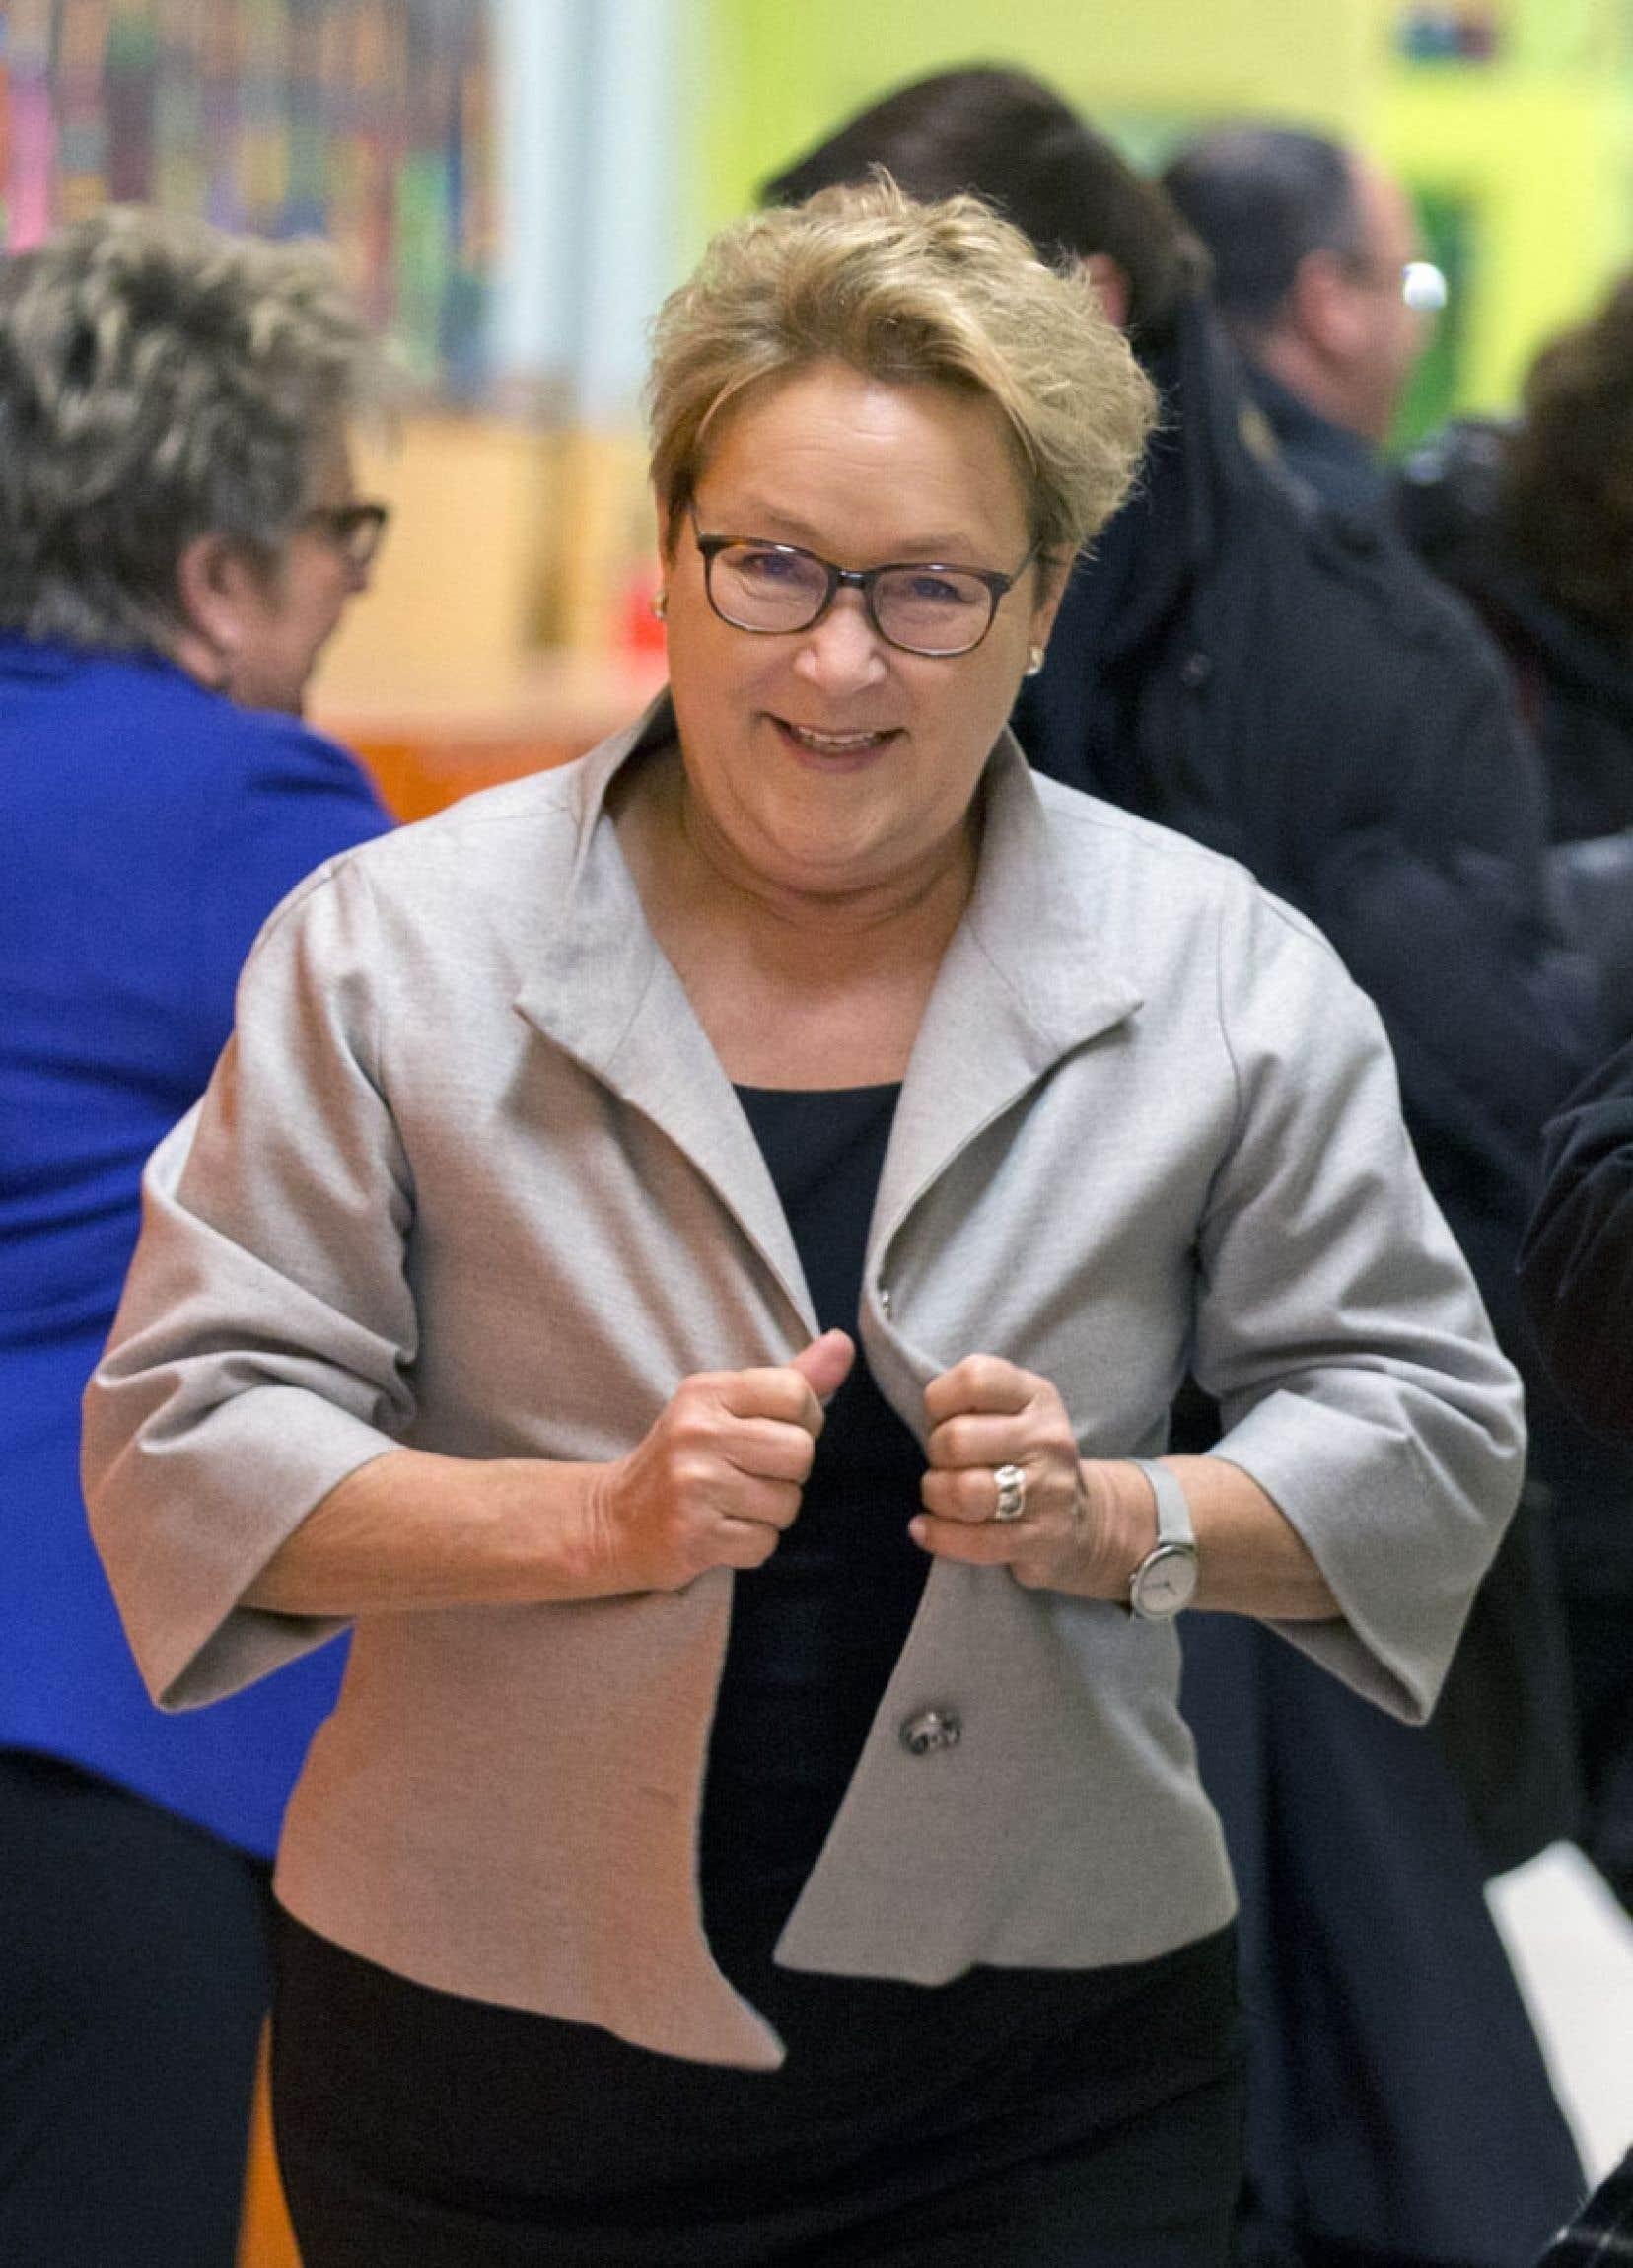 """«On a une femme, actuellement, qui est au pinacle du pouvoir d'État au Québec, Pauline Marois. Il est possible que d'avoir une femme au """"top"""", ça incite davantage d'entre elles à aller voter, à s'intéresser à la politique et, peut-être, éventuellement à s'impliquer», estime la politologue Manon Tremblay."""